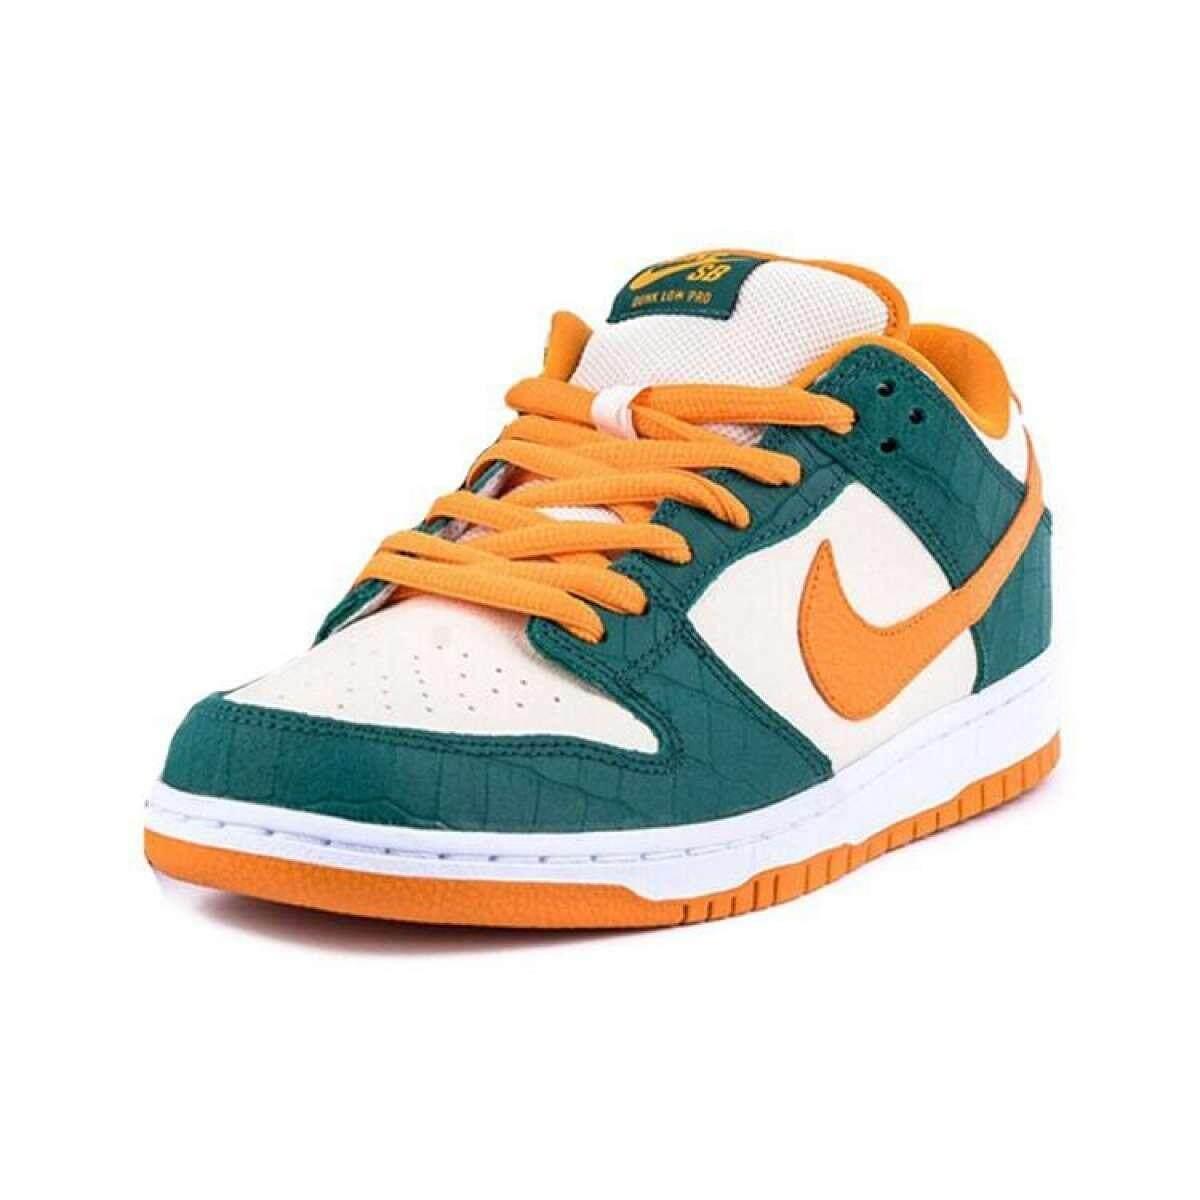 การใช้งาน  ปทุมธานี Nike SB Dunk Low Premium SB Buck